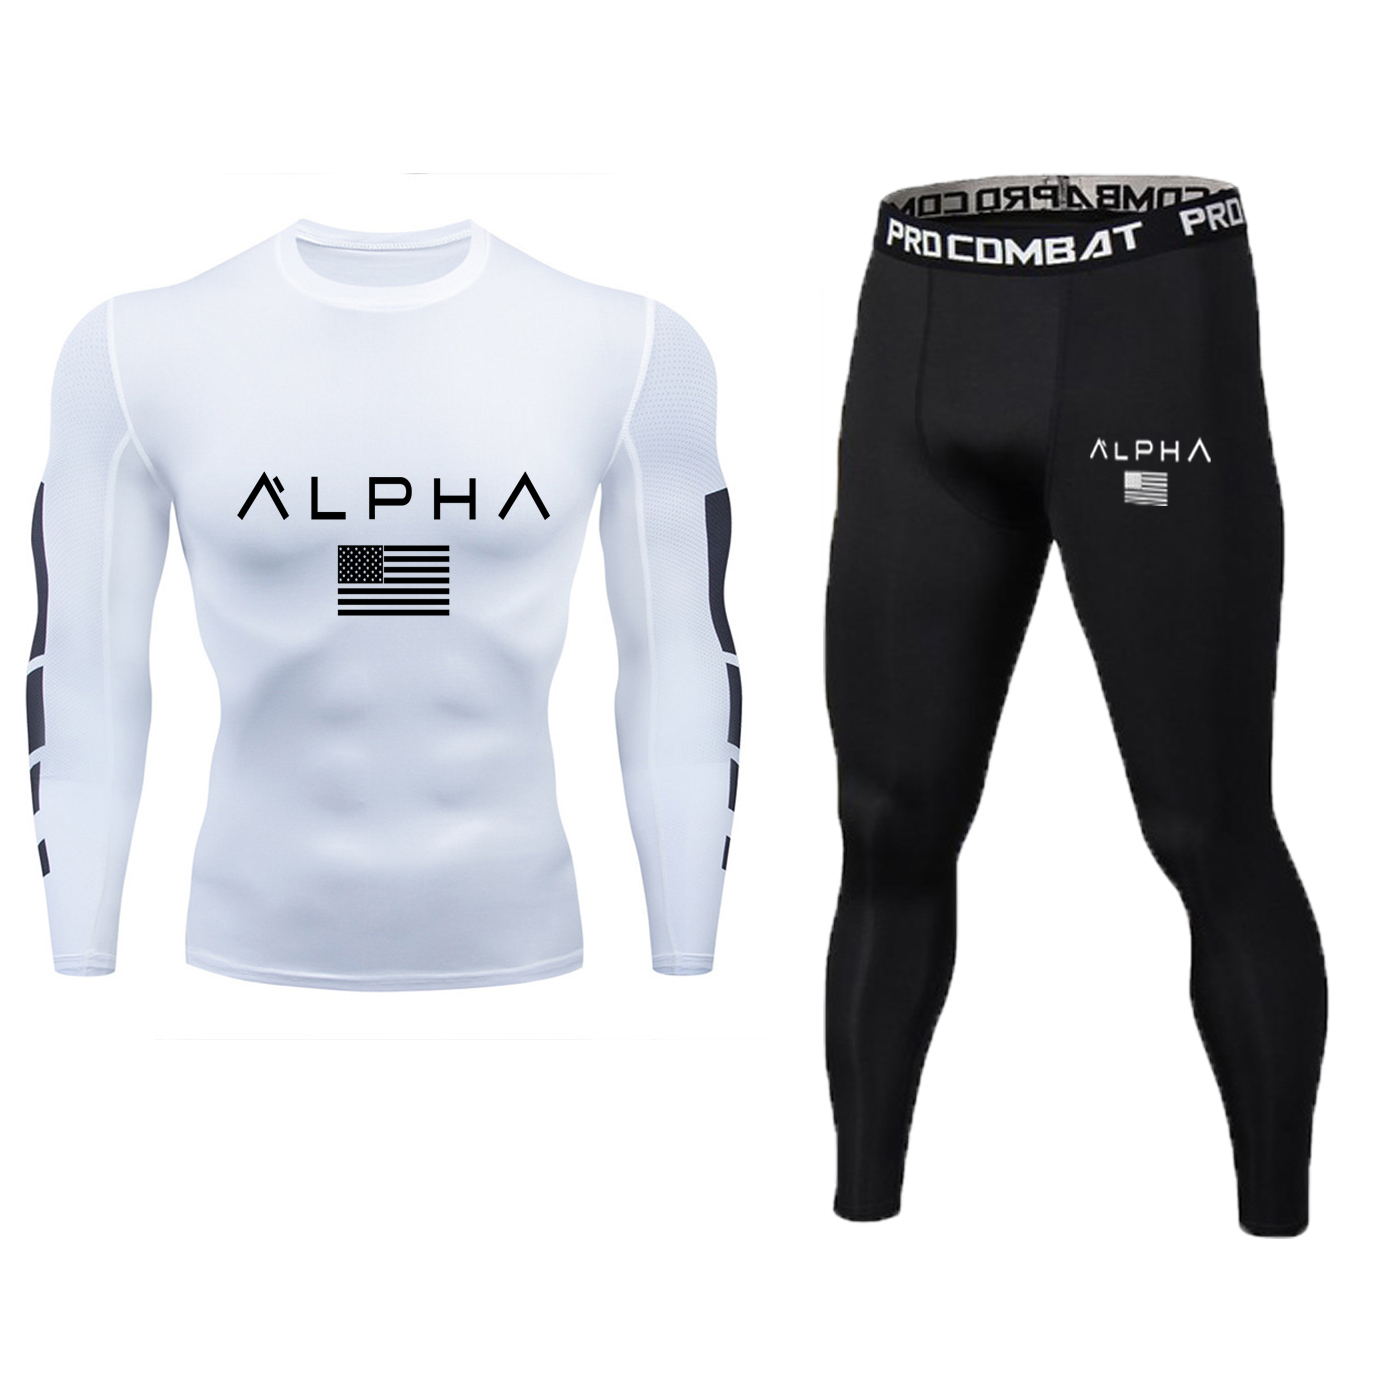 Men's Sportswear Compression Sportswear + Breathable Men's Tight Men's Pants Slim Training Sportswear Gym Yoga Wear Sports